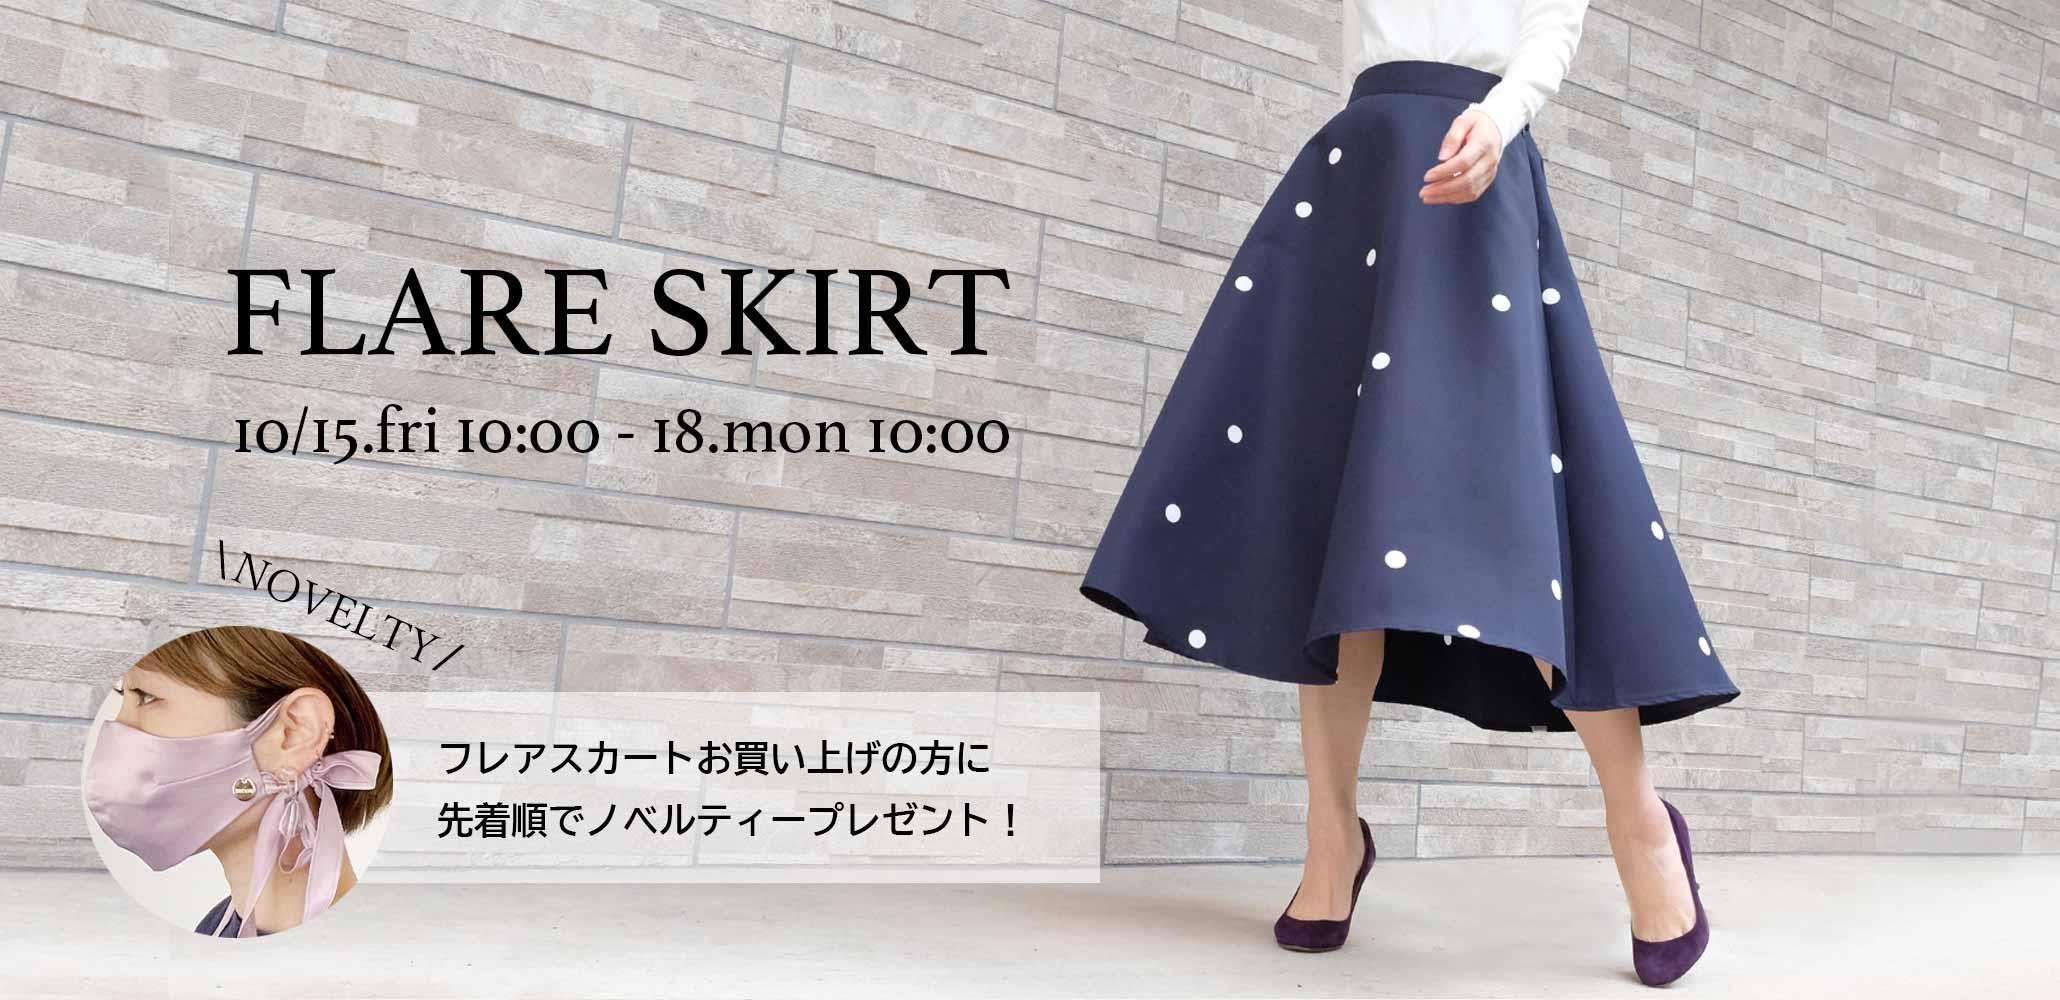 新作フレアスカートが登場!15日(金)から18日(月)まで先着でオリジナルマスクプレゼント!